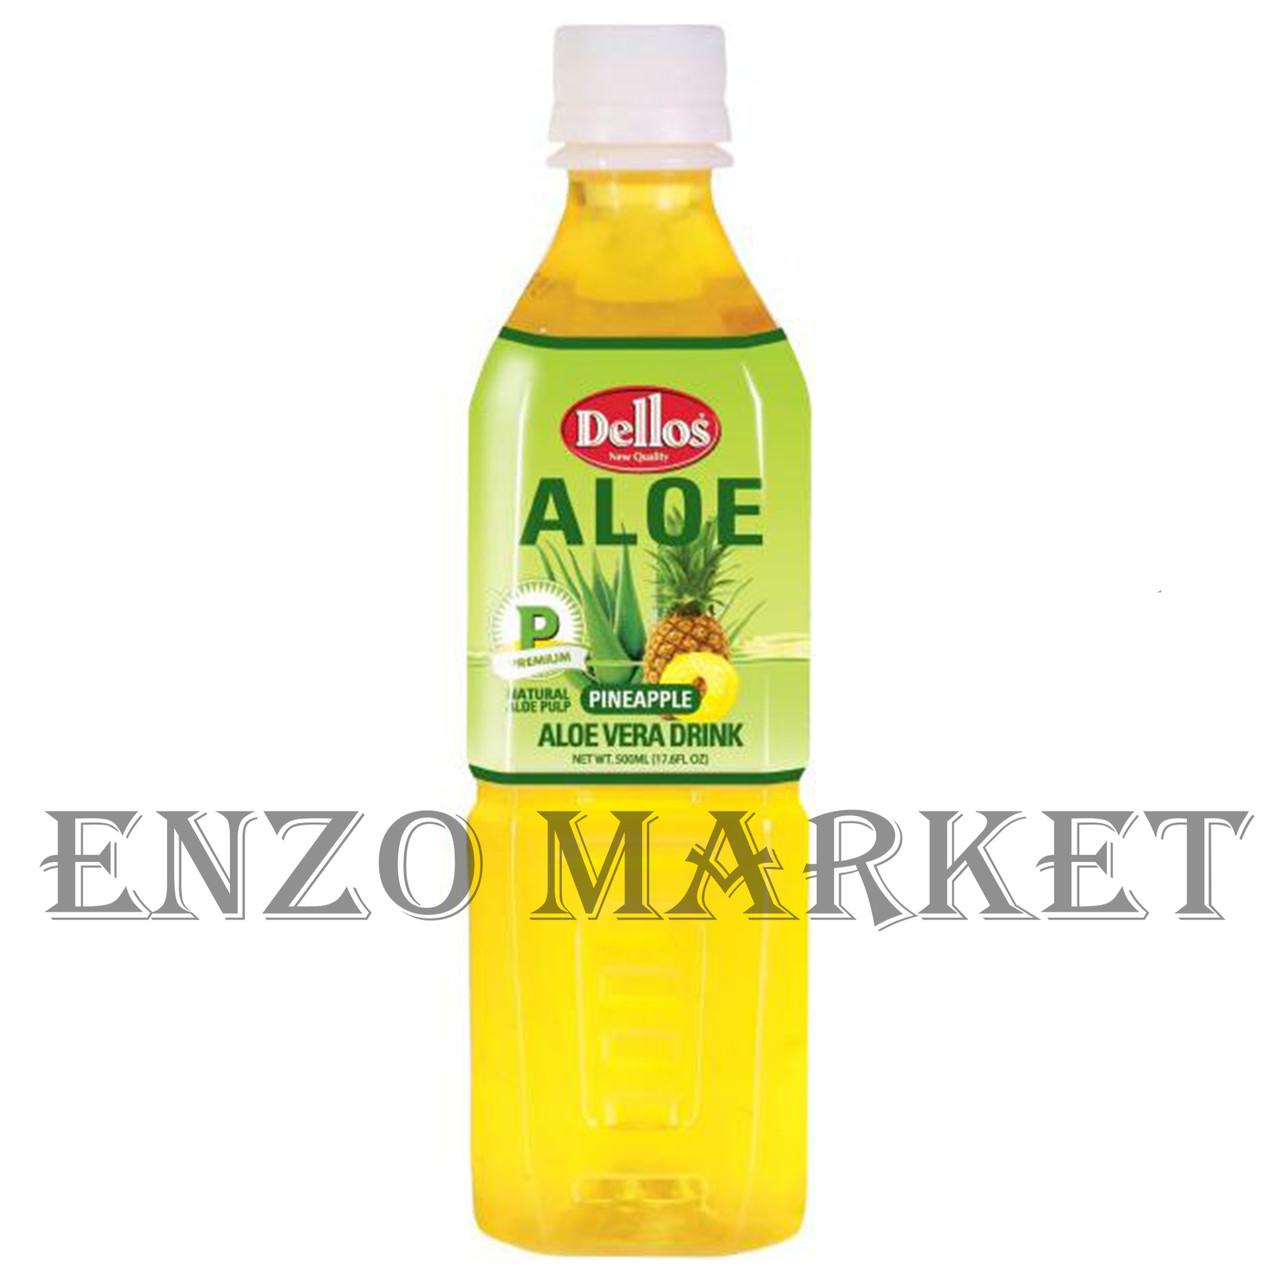 Напиток loe Vera Drink Pineapple Dellos (алоэ+ананас), 0,5 литра